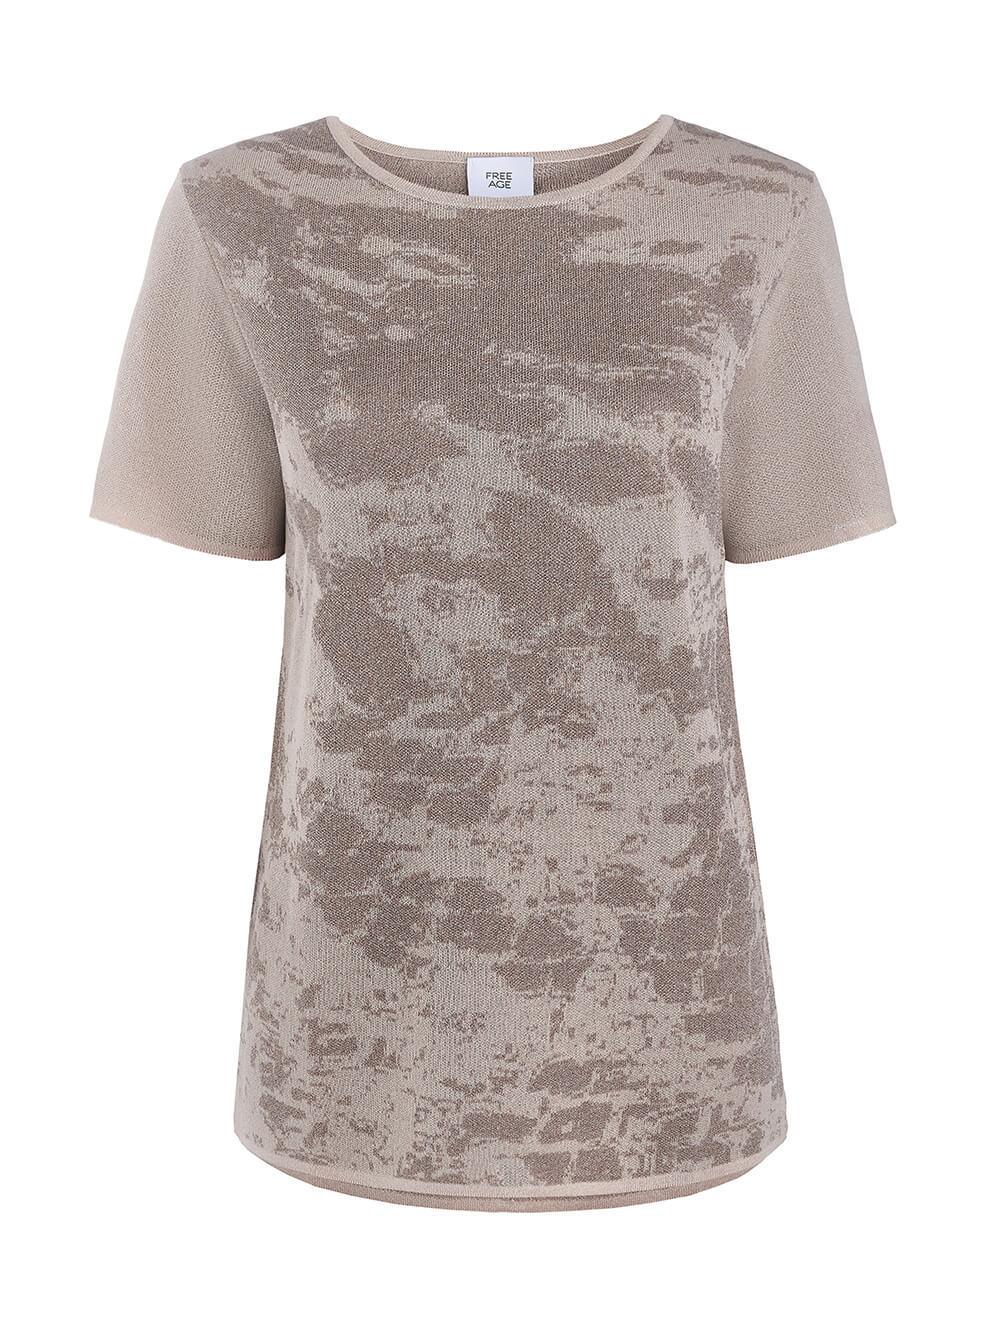 Женская футболка бежевого цвета из вискозы - фото 1